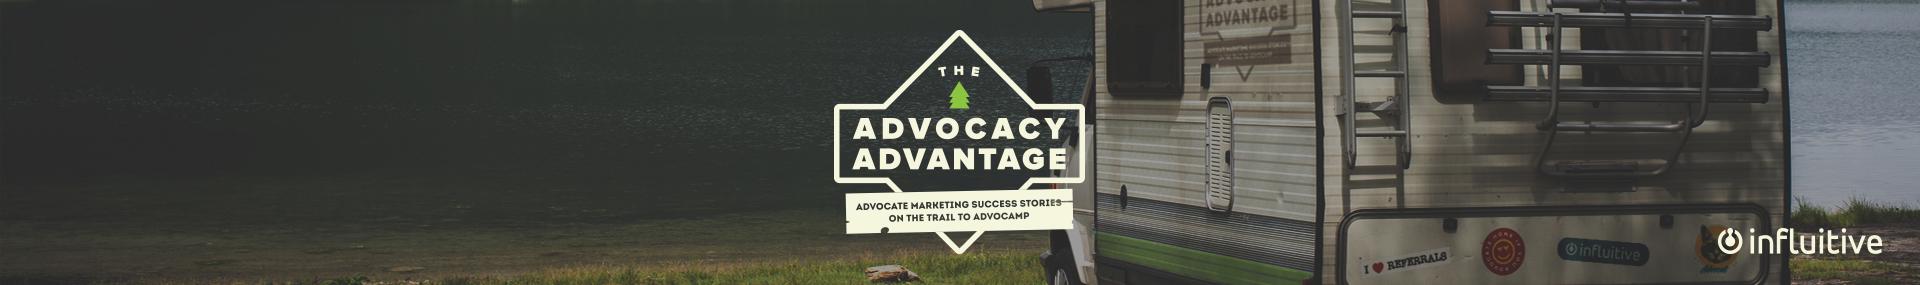 The Advocacy Advantage